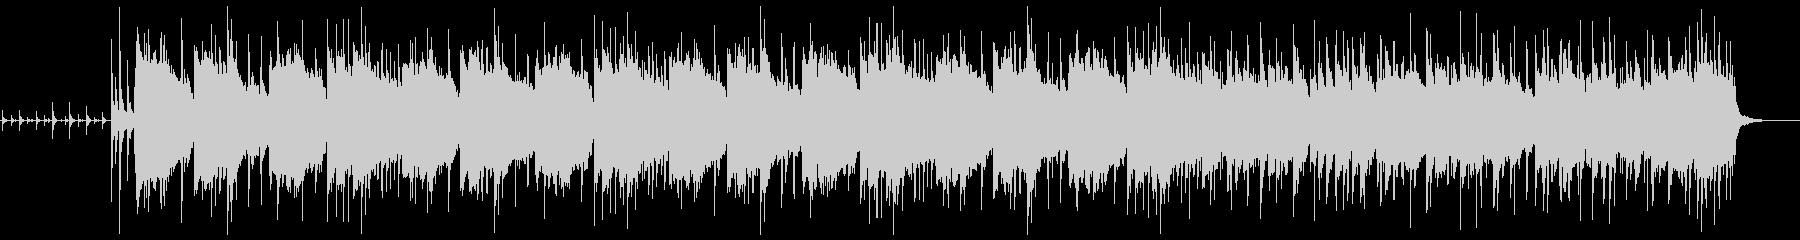 おしゃれで不思議な雰囲気のジャズなBGMの未再生の波形